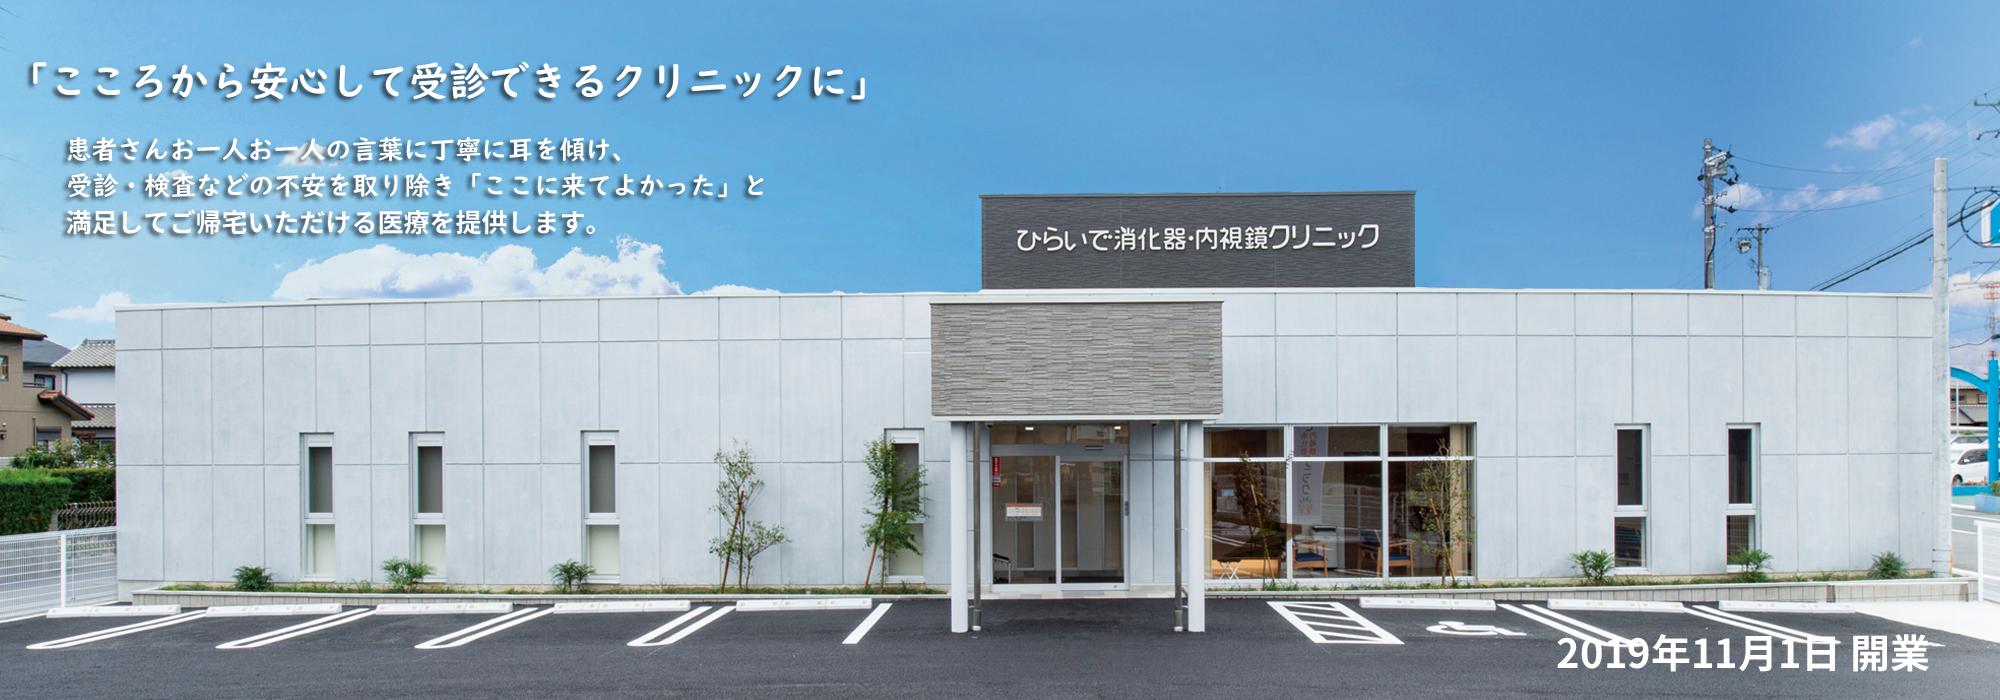 【看護職/浜松市東区】 病院・クリニック ひらいで消化器・内視鏡 (正社員)の画像1